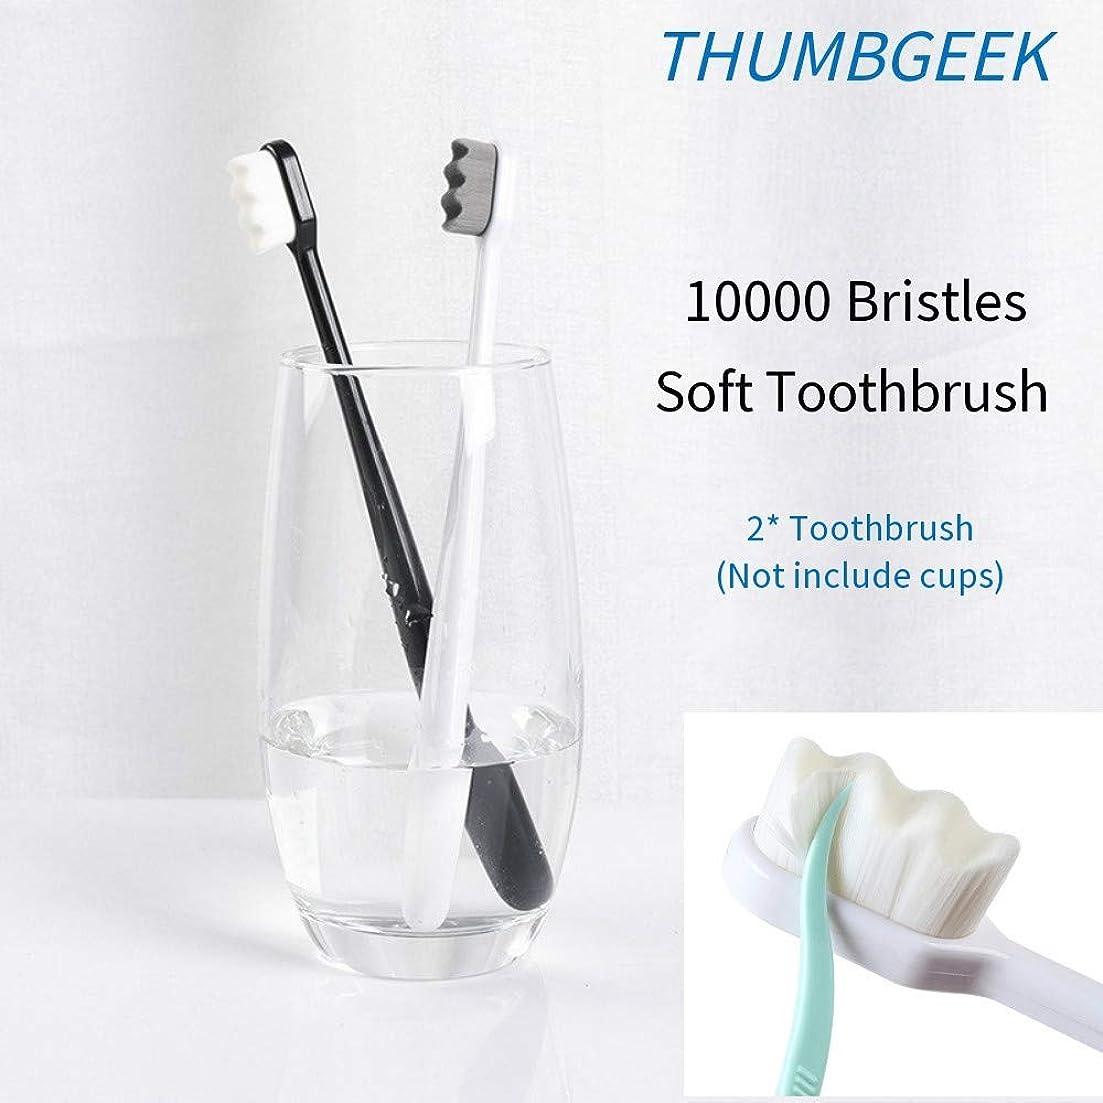 リズミカルなバッテリー発掘する2本の歯ブラシ、ウルトラソフト歯ブラシ、家族の妊娠中の女性用、年配の看護の歯肉に敏感なディープマウスクリーンオーラルケア、手動歯ブラシ